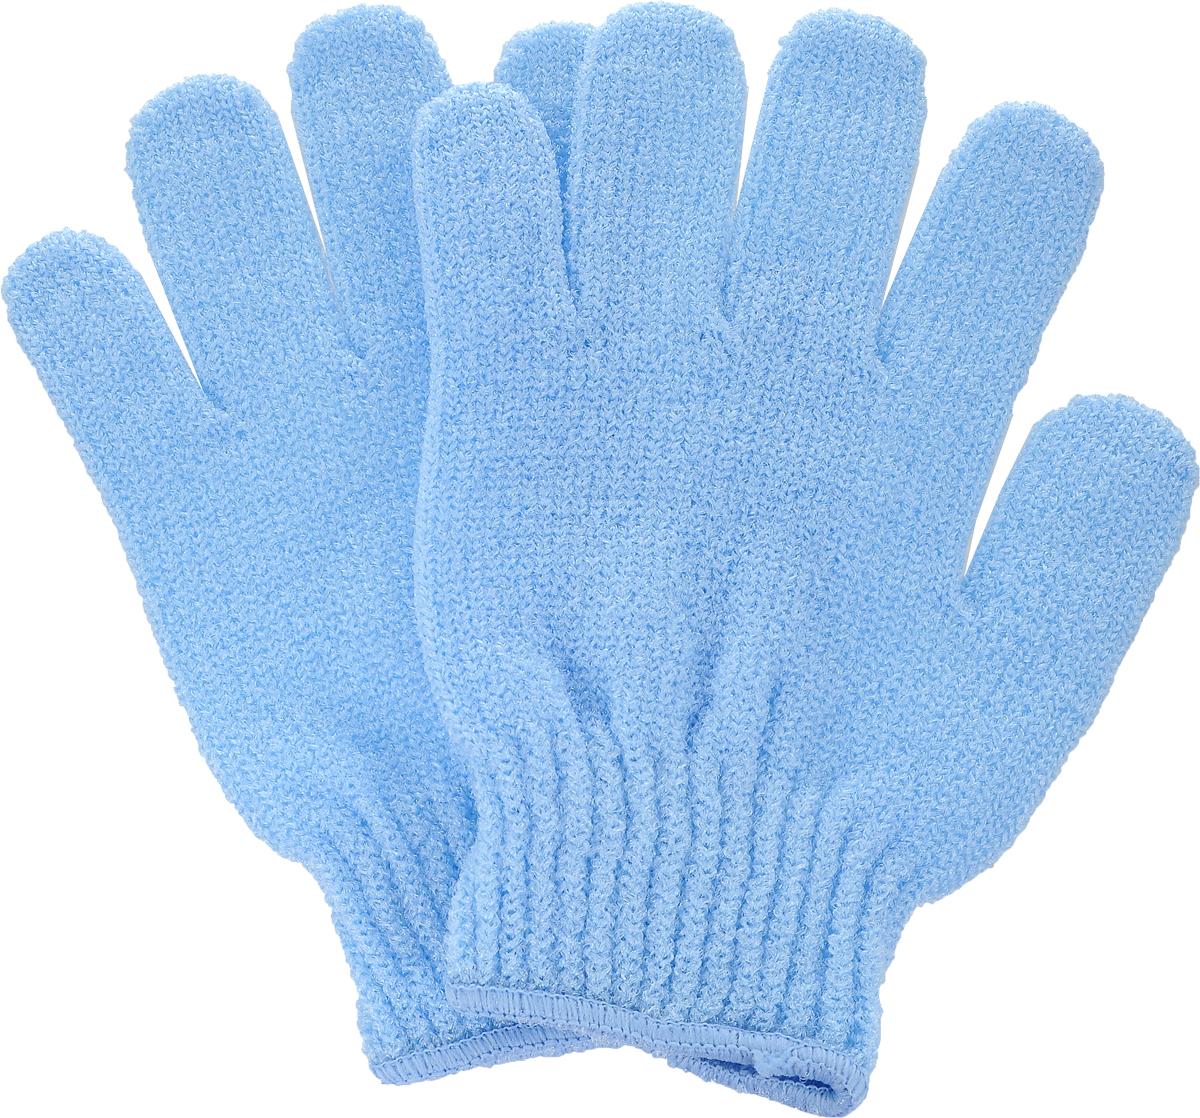 Перчатки для пилинга Riffi, цвет: голубой5010777139655Эластичные безразмерные перчатки Riffi обладают активным антицеллюлитным эффектом и отличным пилинговым действием, тонизируя, массируя и эффективно очищая вашу кожу.Перчатки Riffi освобождает кожу от отмерших клеток, стимулирует регенерацию. Эффективно предупреждают образование целлюлита и обеспечивают омолаживающий эффект. Кожа становится гладкой, упругой и лучше готовой к принятию косметических средств. Интенсивный и пощипывающий свежий массаж тела с применением перчаток Riffi стимулирует кровообращение, активирует кровоснабжение, способствует обмену веществ. В комплекте 1 пара перчаток.